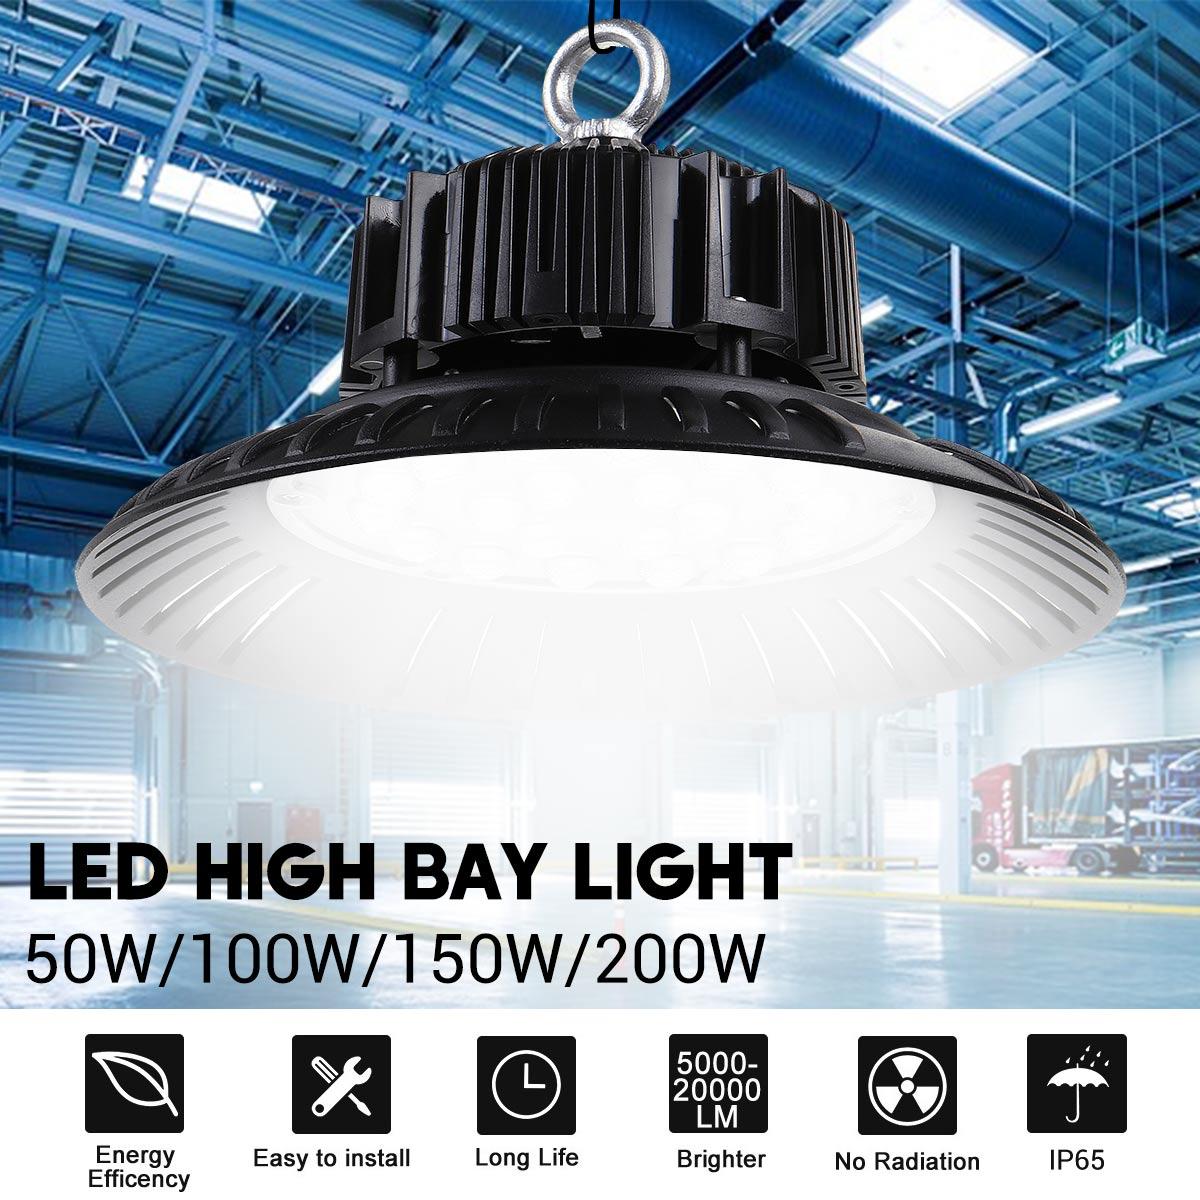 Led High Bay Licht Wasserdichte IP65 Lager Werkstatt Garage Industrielle Lampe Stadion Markt Flughafen LED garage licht